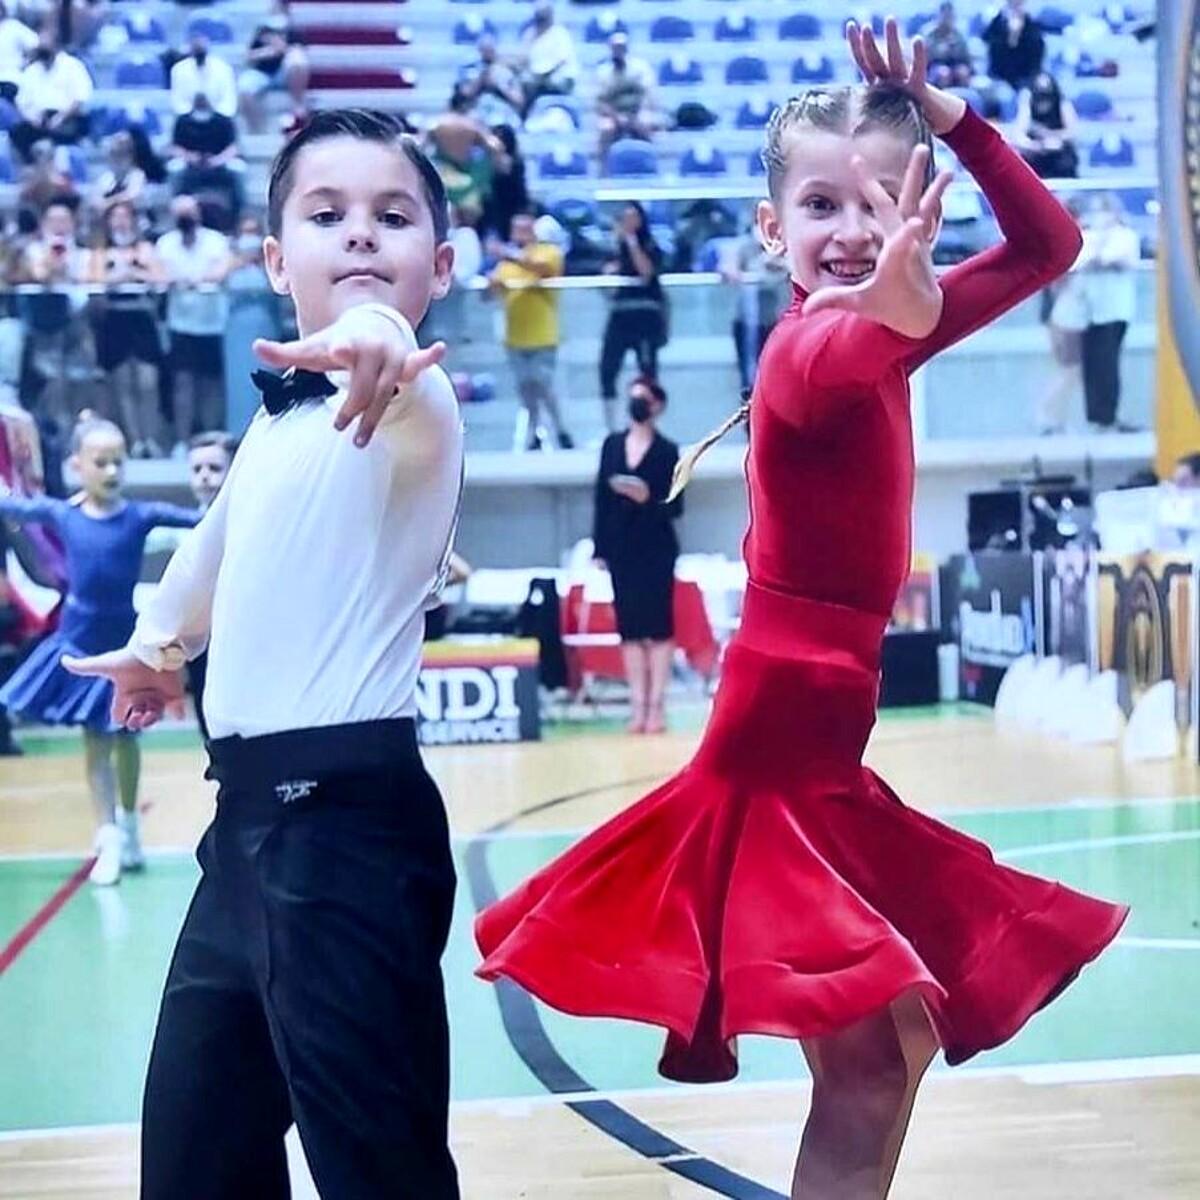 Campionati italiani di danza sportiva: due bimbi trevigiani vincono la medaglia d'oro